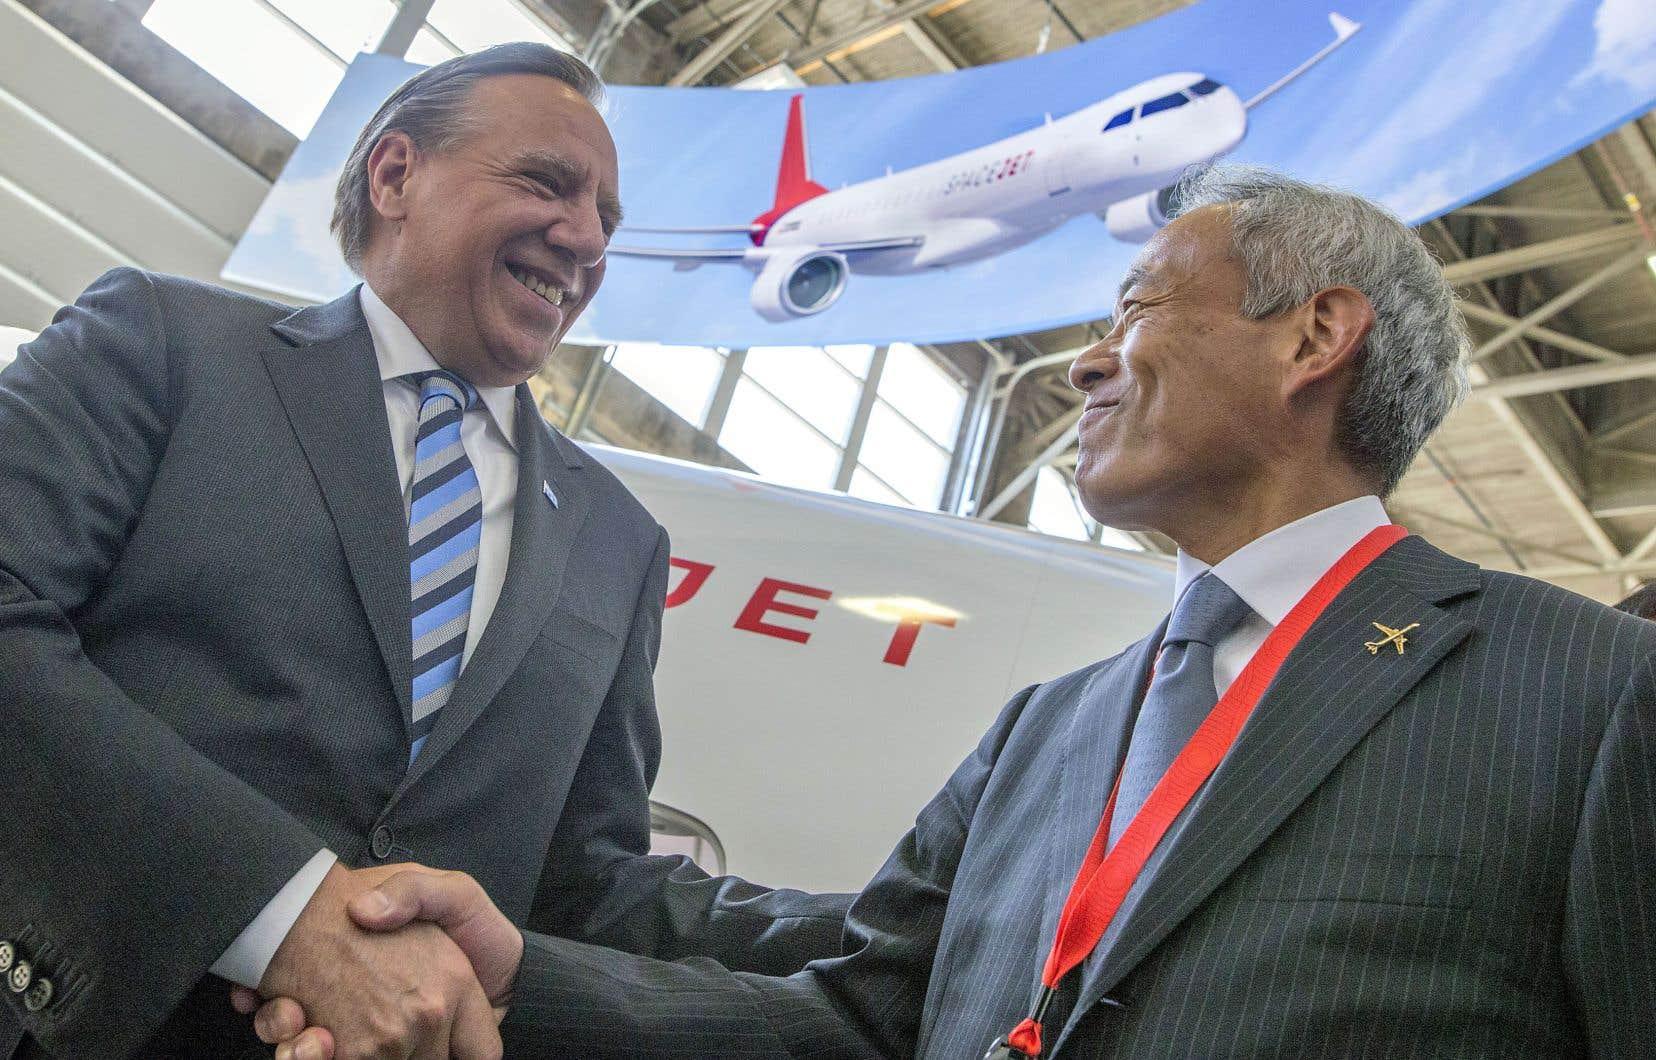 Québec a concédé un prêt de 12millions à la firme japonaise, qu'elle n'aura pas à rembourser si des objectifs de création d'emplois sont atteints. L'accord a été scellé par une poignée de main entre le premier ministre, François Legault, et le président de Mitsubishi, Hitoshi Iwasa.